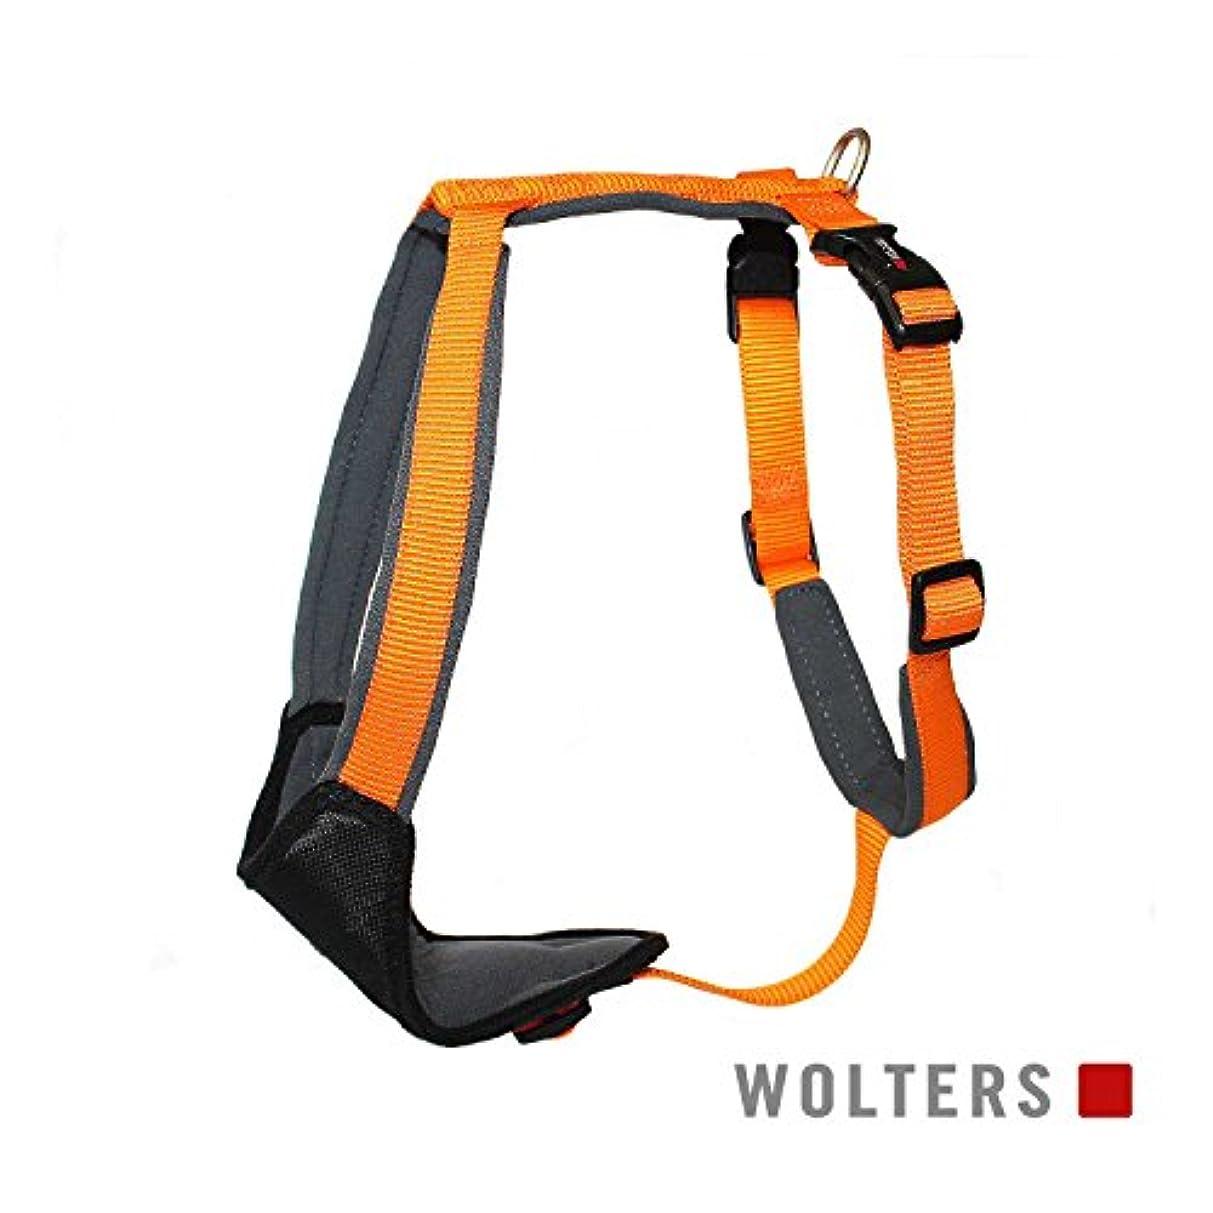 回転ベース幽霊ウォルターズ コンフォートハーネス オレンジ×グレイ 40-45cm